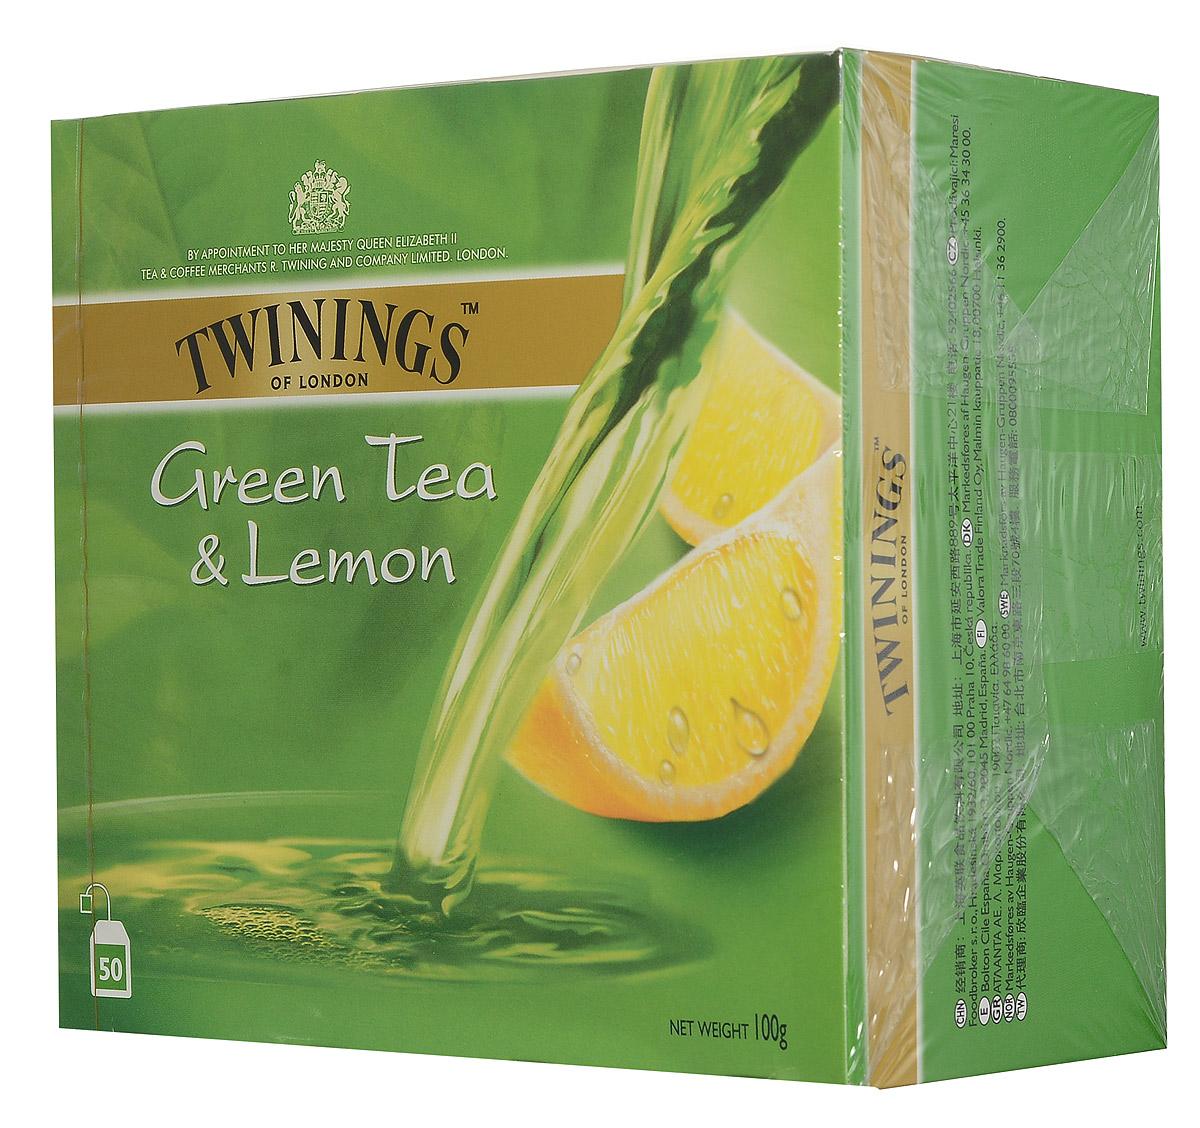 Twinings Green Tea & Lemon зеленый чай с цедрой лимона в пакетиках, 50 шт070177233044Twinings Green Tea & Lemon - уникальная смесь зеленого чая с добавлением лимонной цедры.